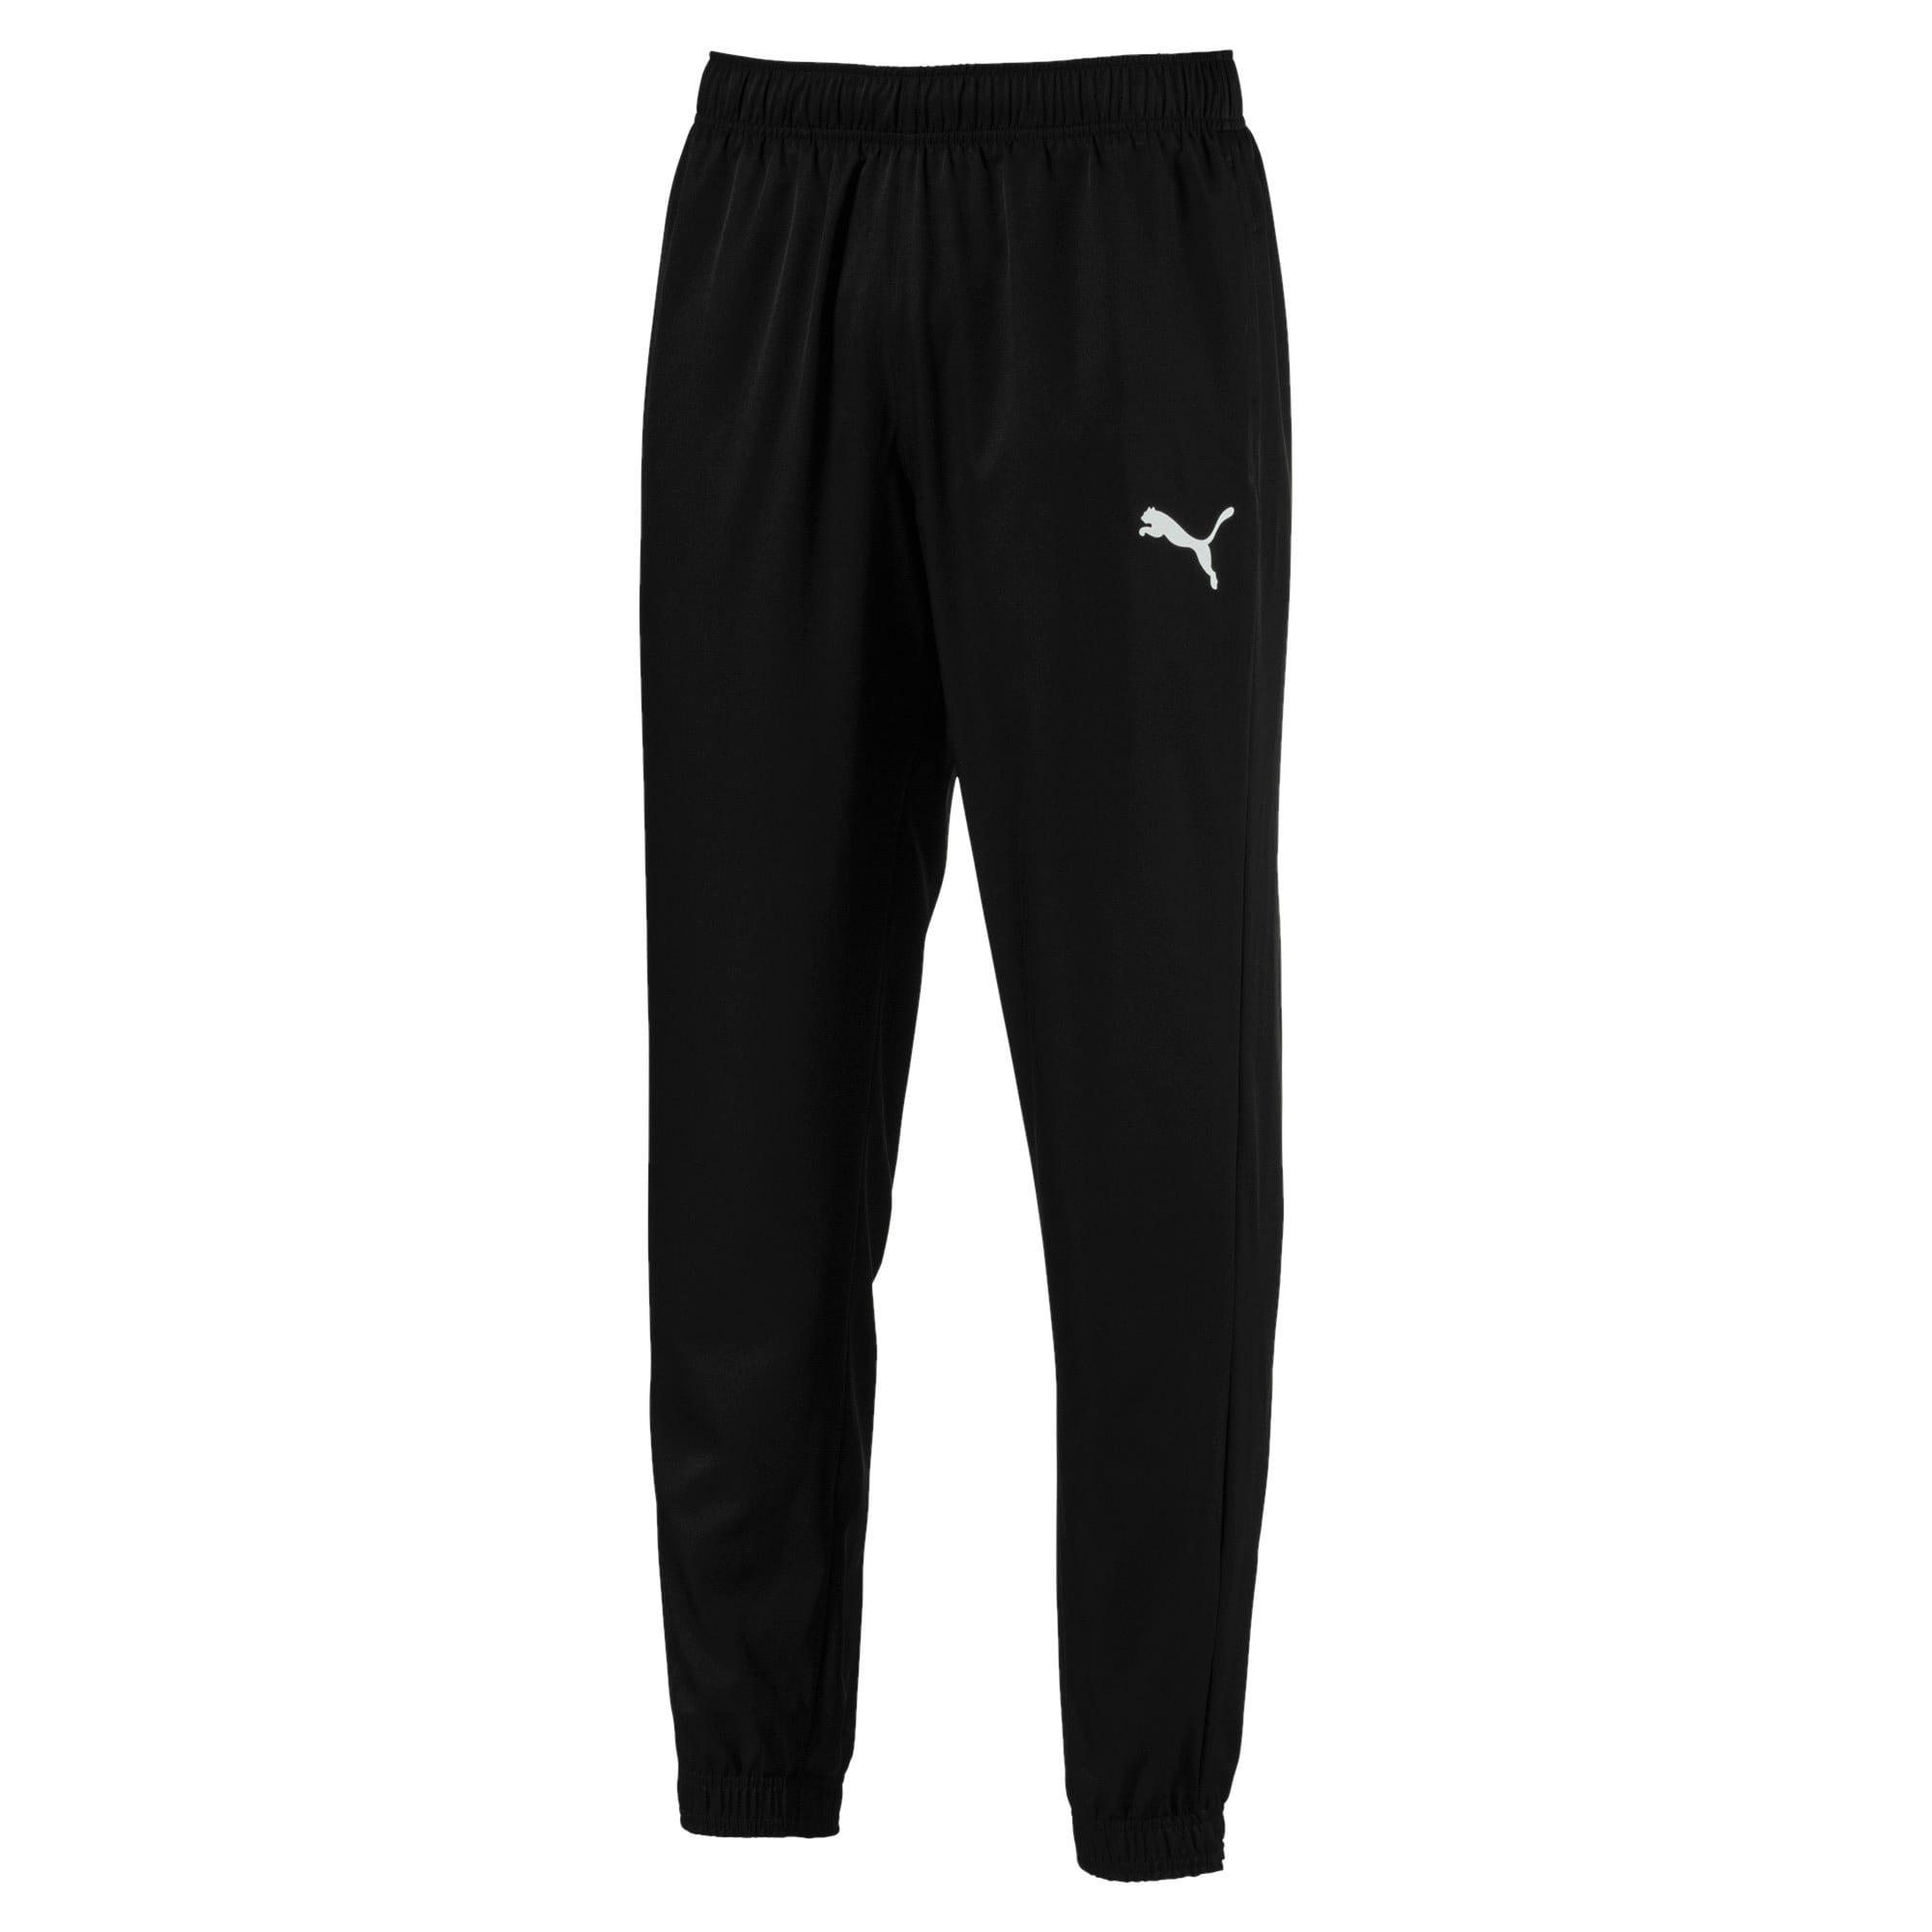 Thumbnail 1 of Active Woven Men's Sweatpants, Puma Black, medium